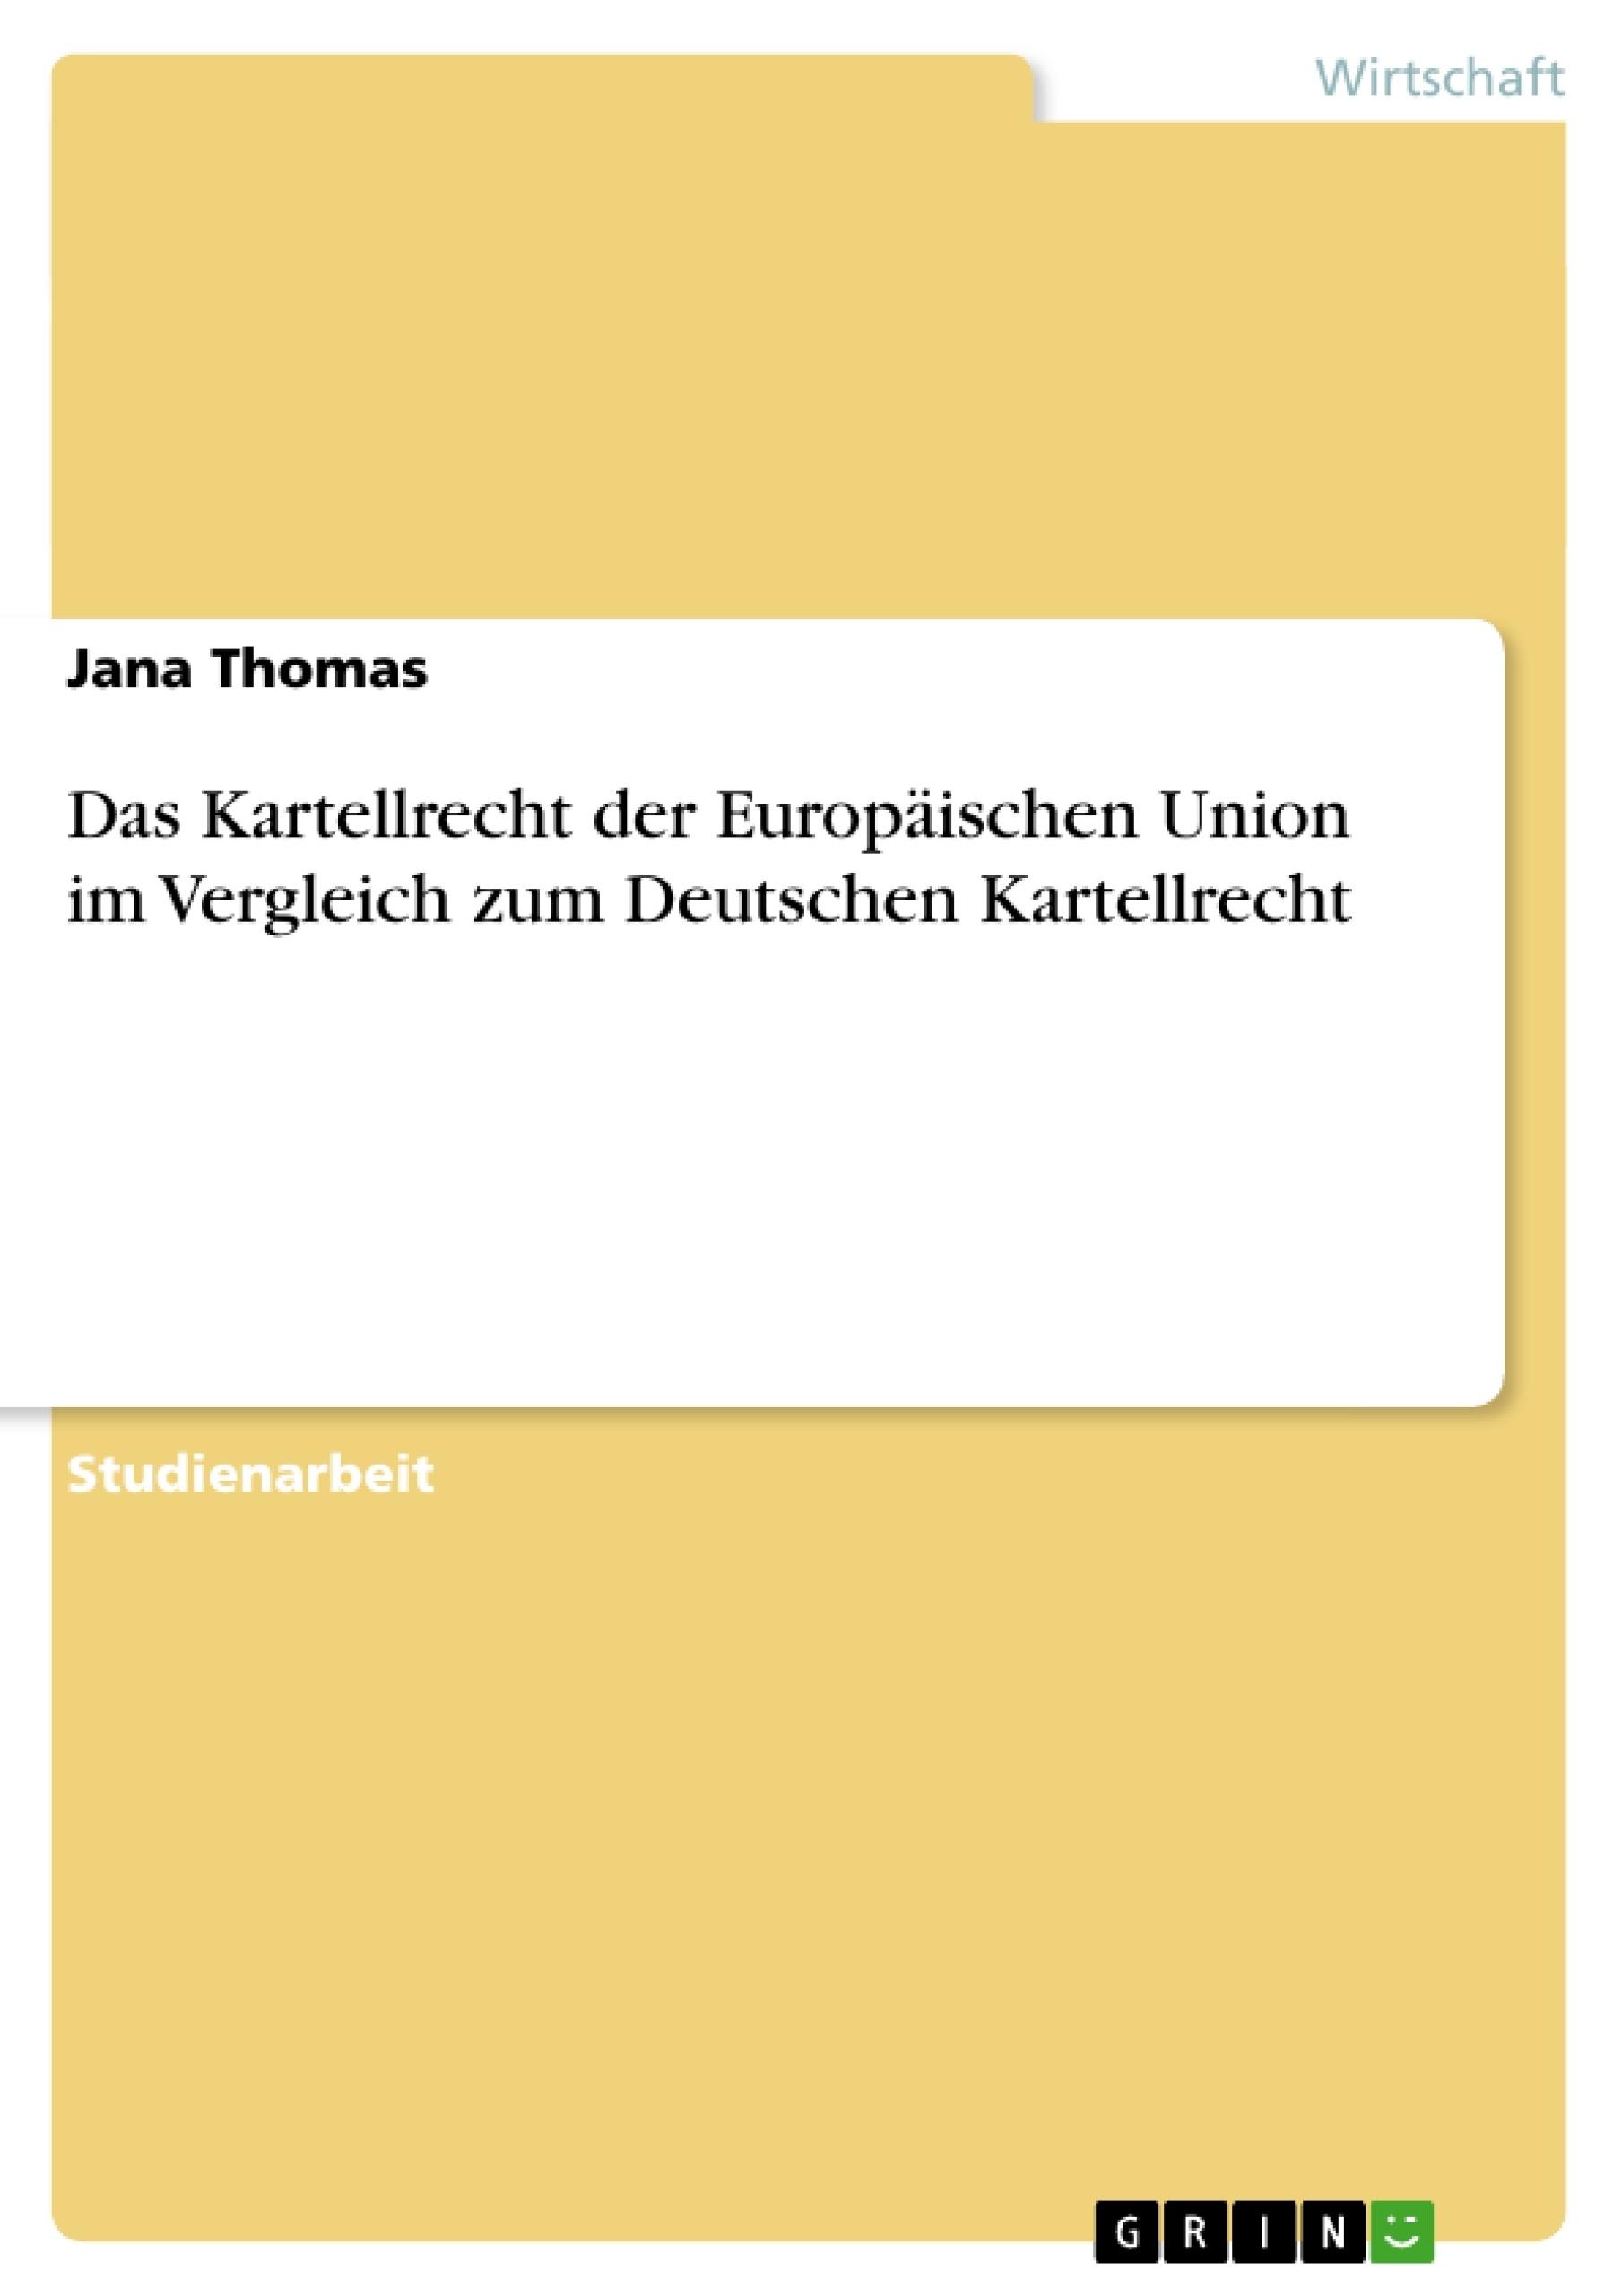 Titel: Das Kartellrecht der Europäischen Union im Vergleich zum Deutschen Kartellrecht